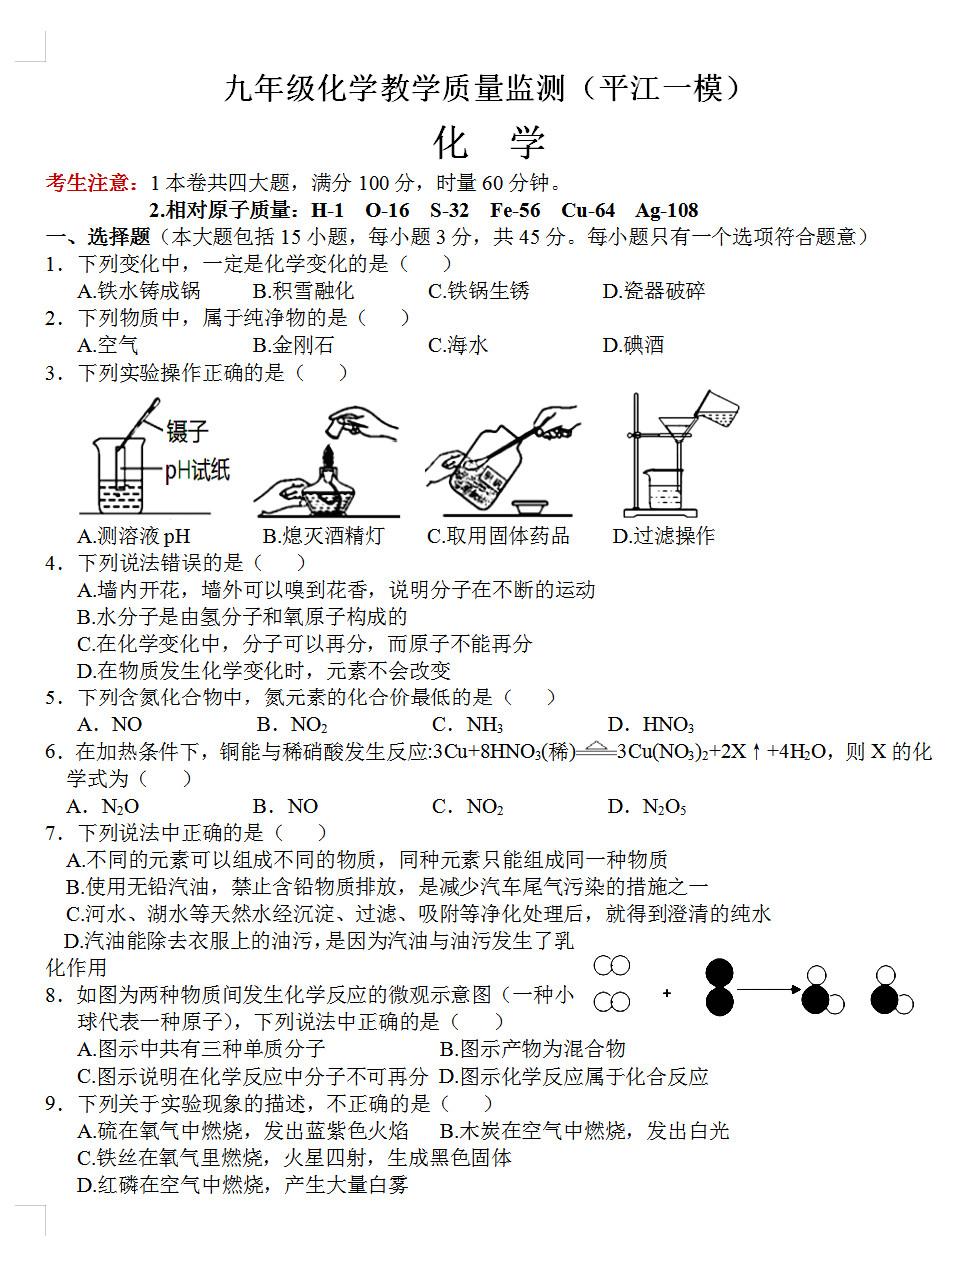 2020平江市初三一诊化学试题答案(PDF下载版)